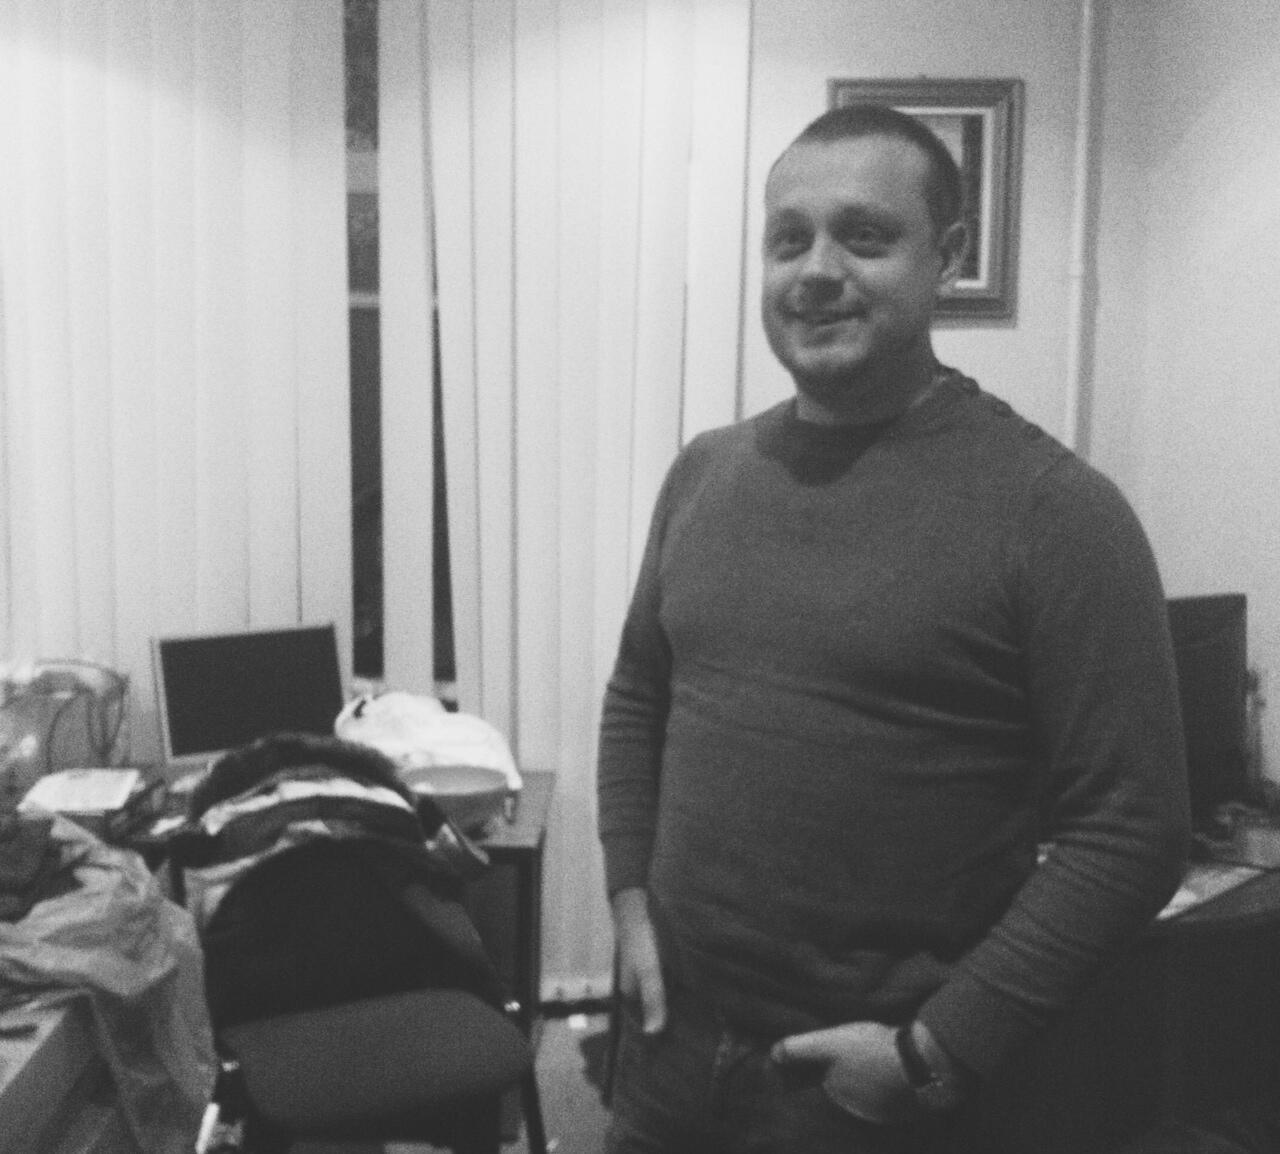 Максим Рева в своем днепропетровском офисе, в котором теперь разместился волонтерский штаб и склад